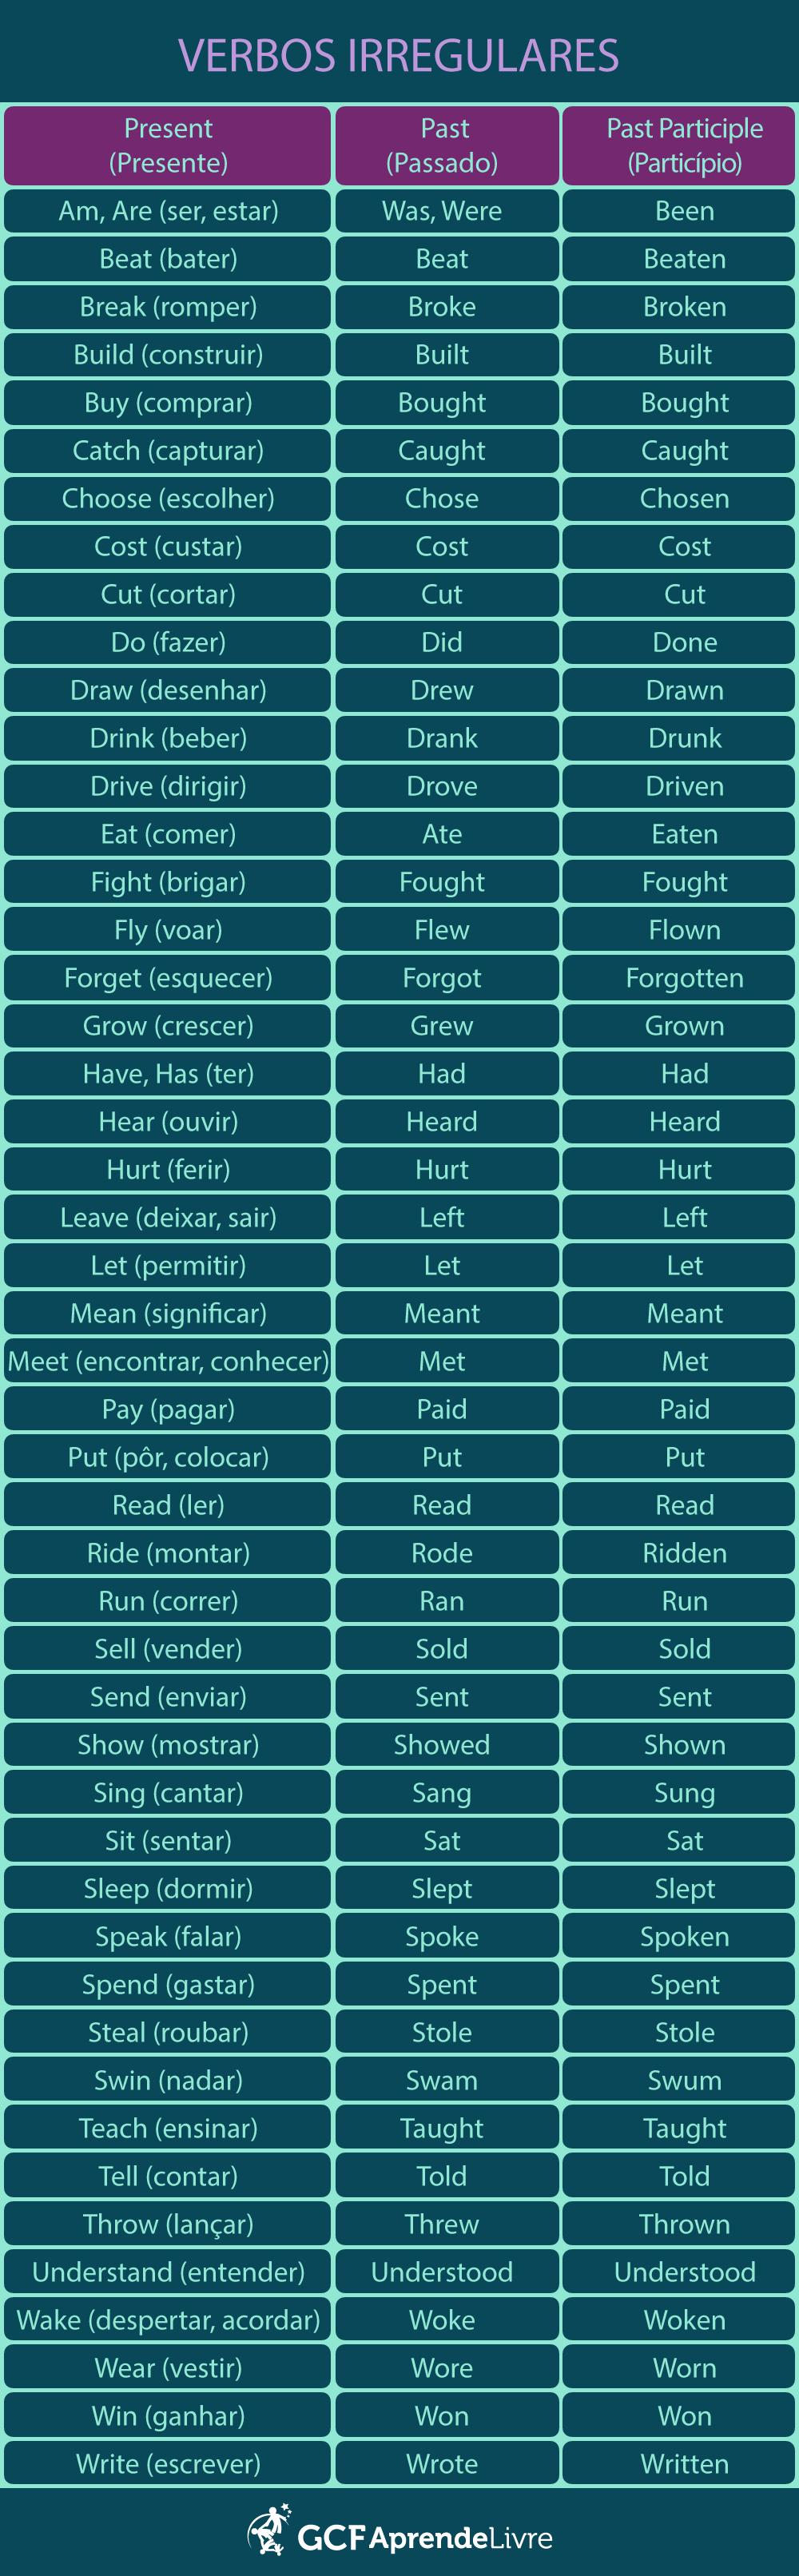 Lista dos verbos irregulares mais comuns.